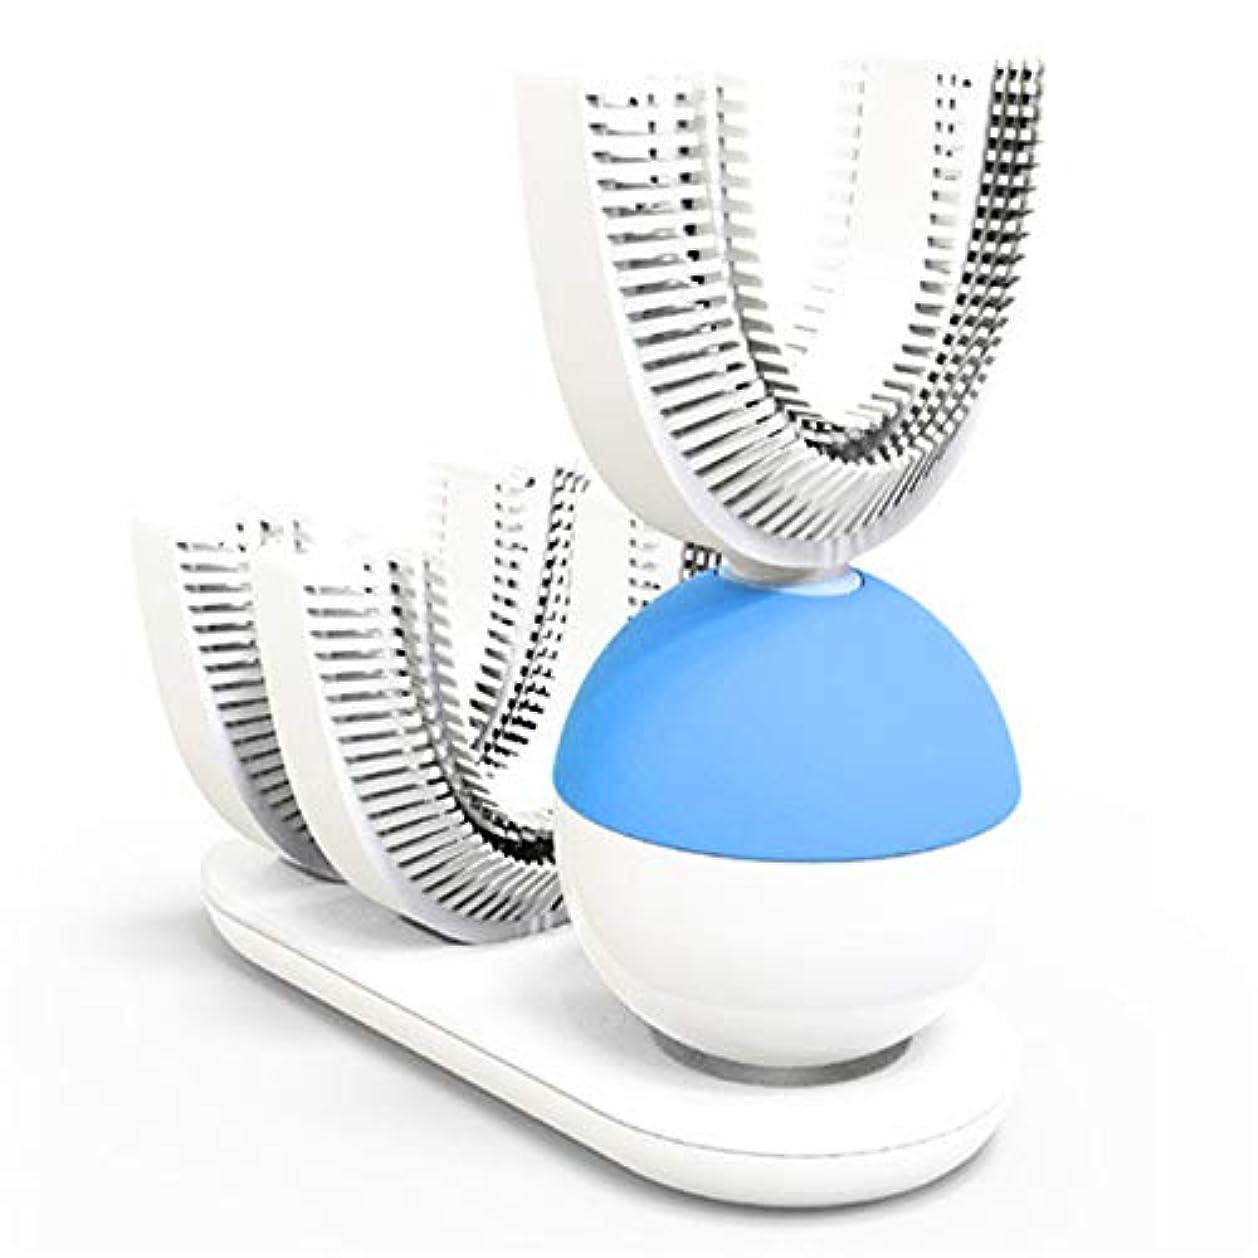 競争力のある屈辱する急降下電動歯ブラシ 自動歯ブラシ U型 360°全方位 超音波 怠け者歯ブラシ ワイヤレス充電 口腔洗浄器 歯ブラシヘッド付き